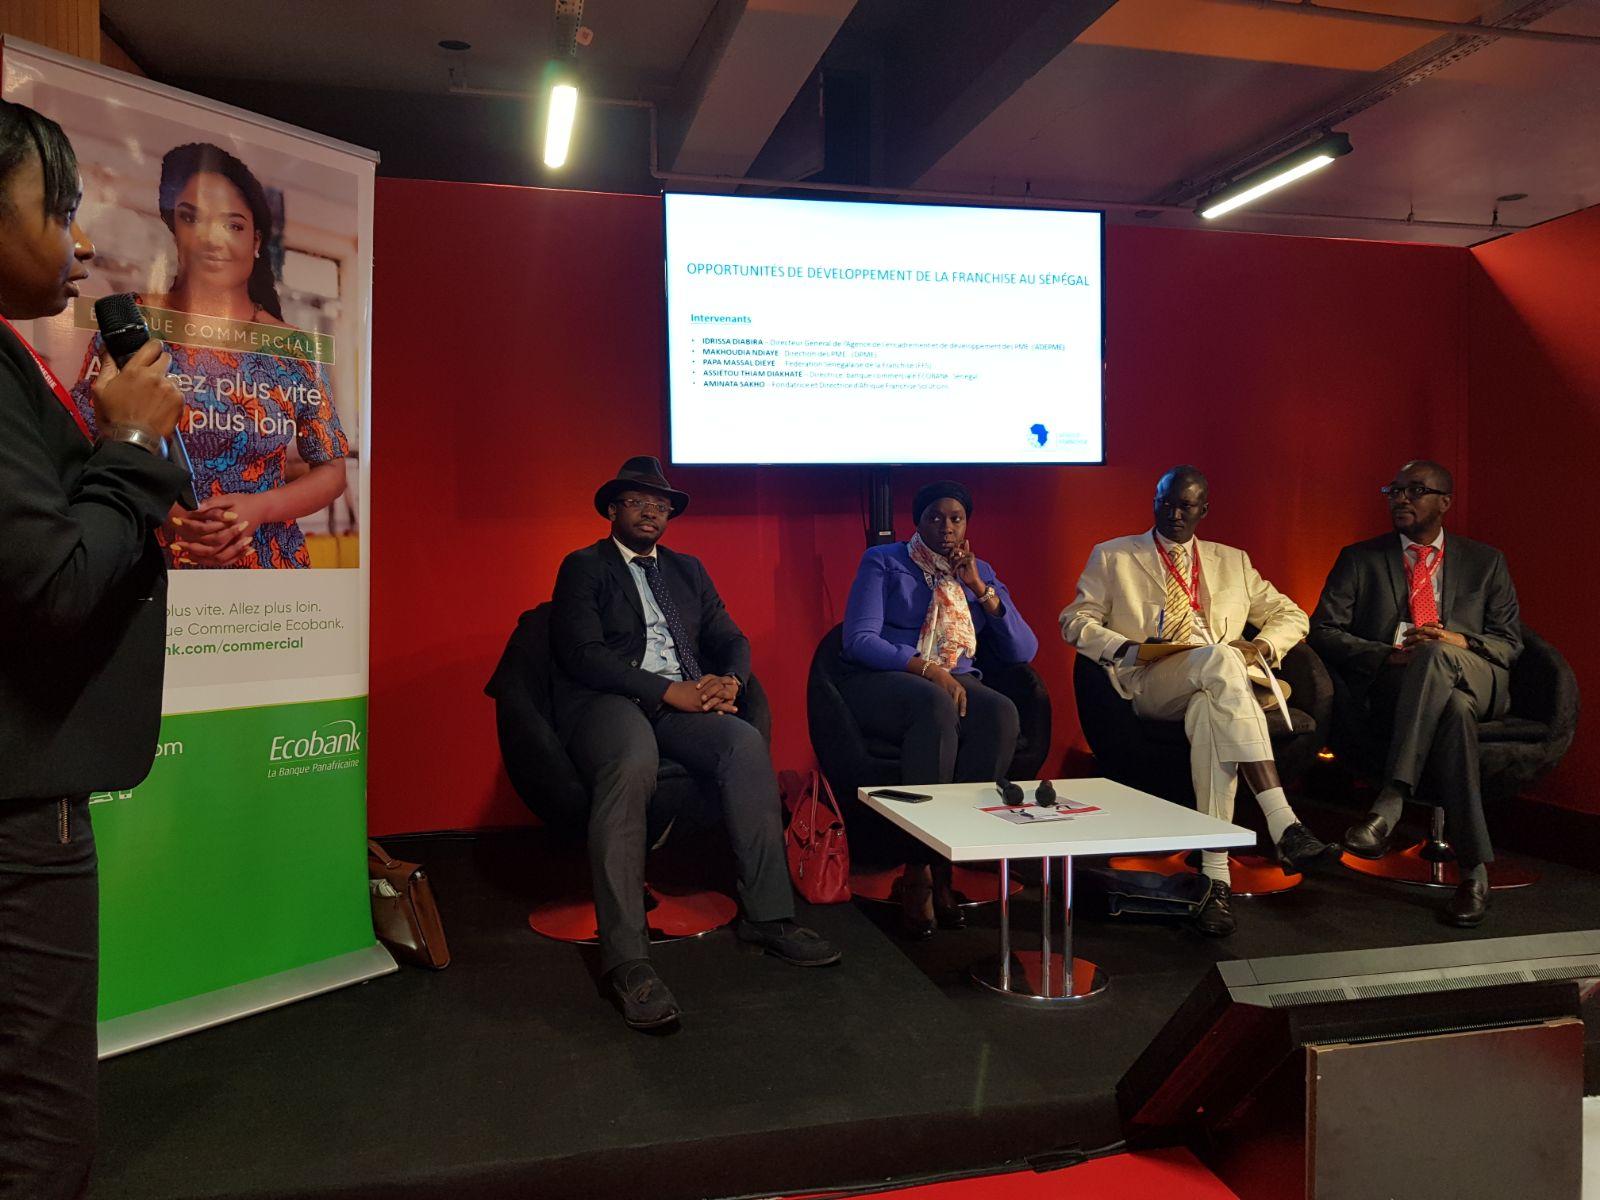 Le salon « Afrique Franchise Expo » prochainement à Dakar : Le Sénégal, futur hub de la franchise en Afrique